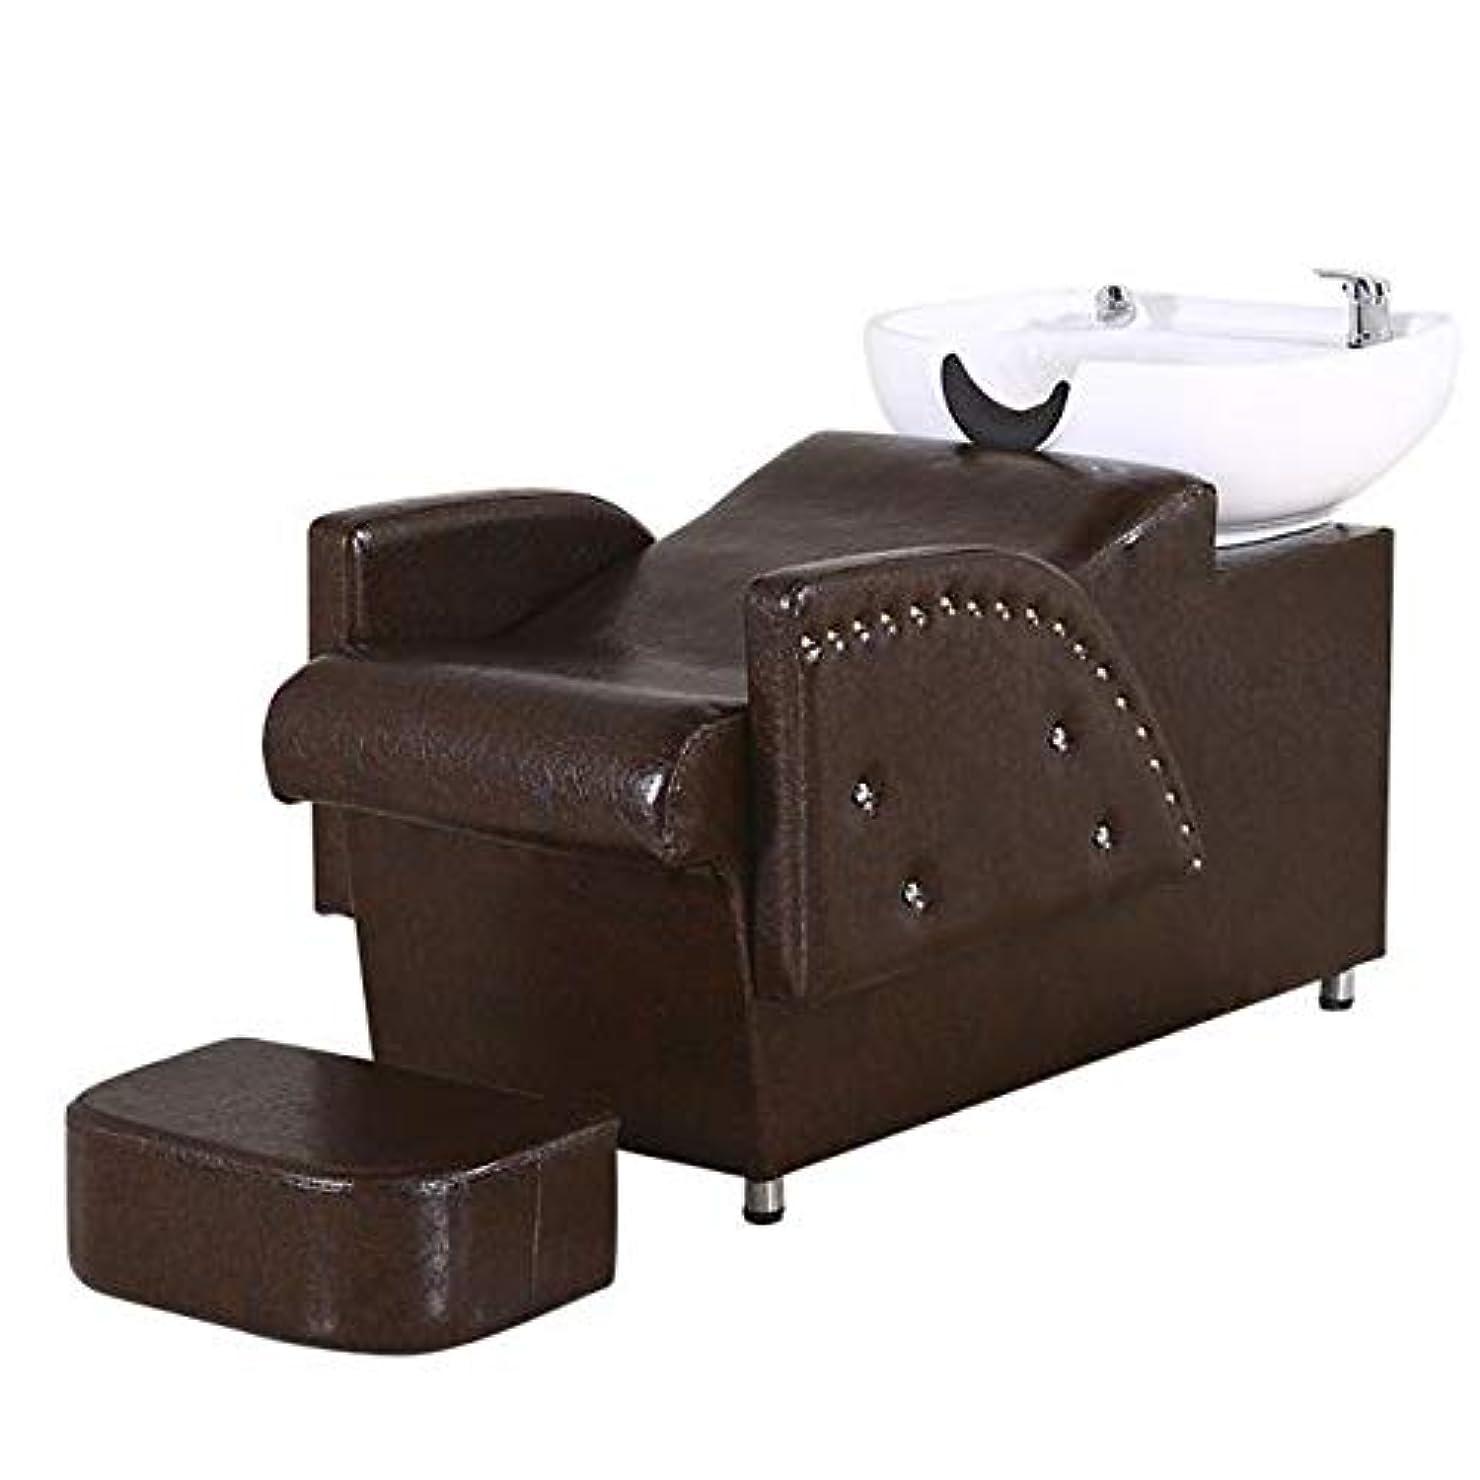 心理的に満了自慢シャンプー椅子、逆洗ユニットシャンプーボウル理髪シンク椅子スパ美容院機器半横臥シャンプーベッド